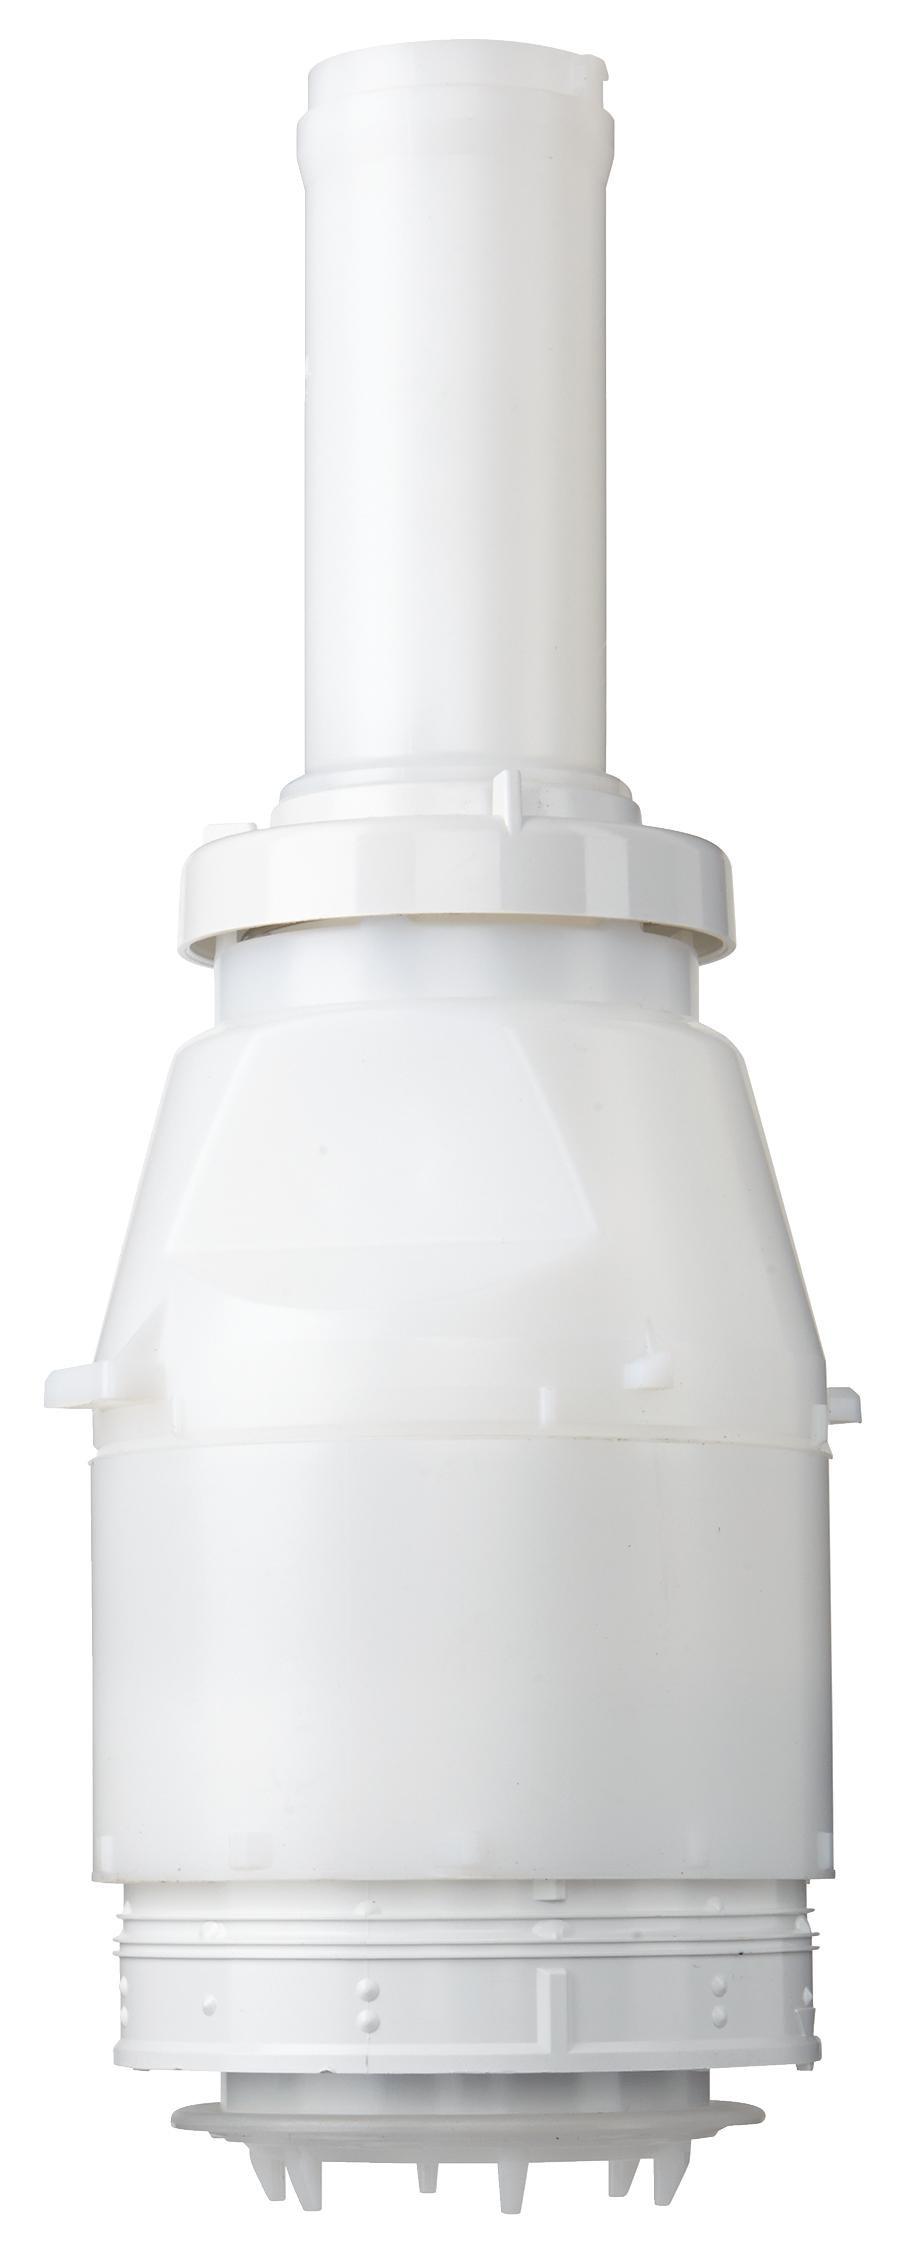 Сливной вентиль, прерываемый GROHE (42690000)